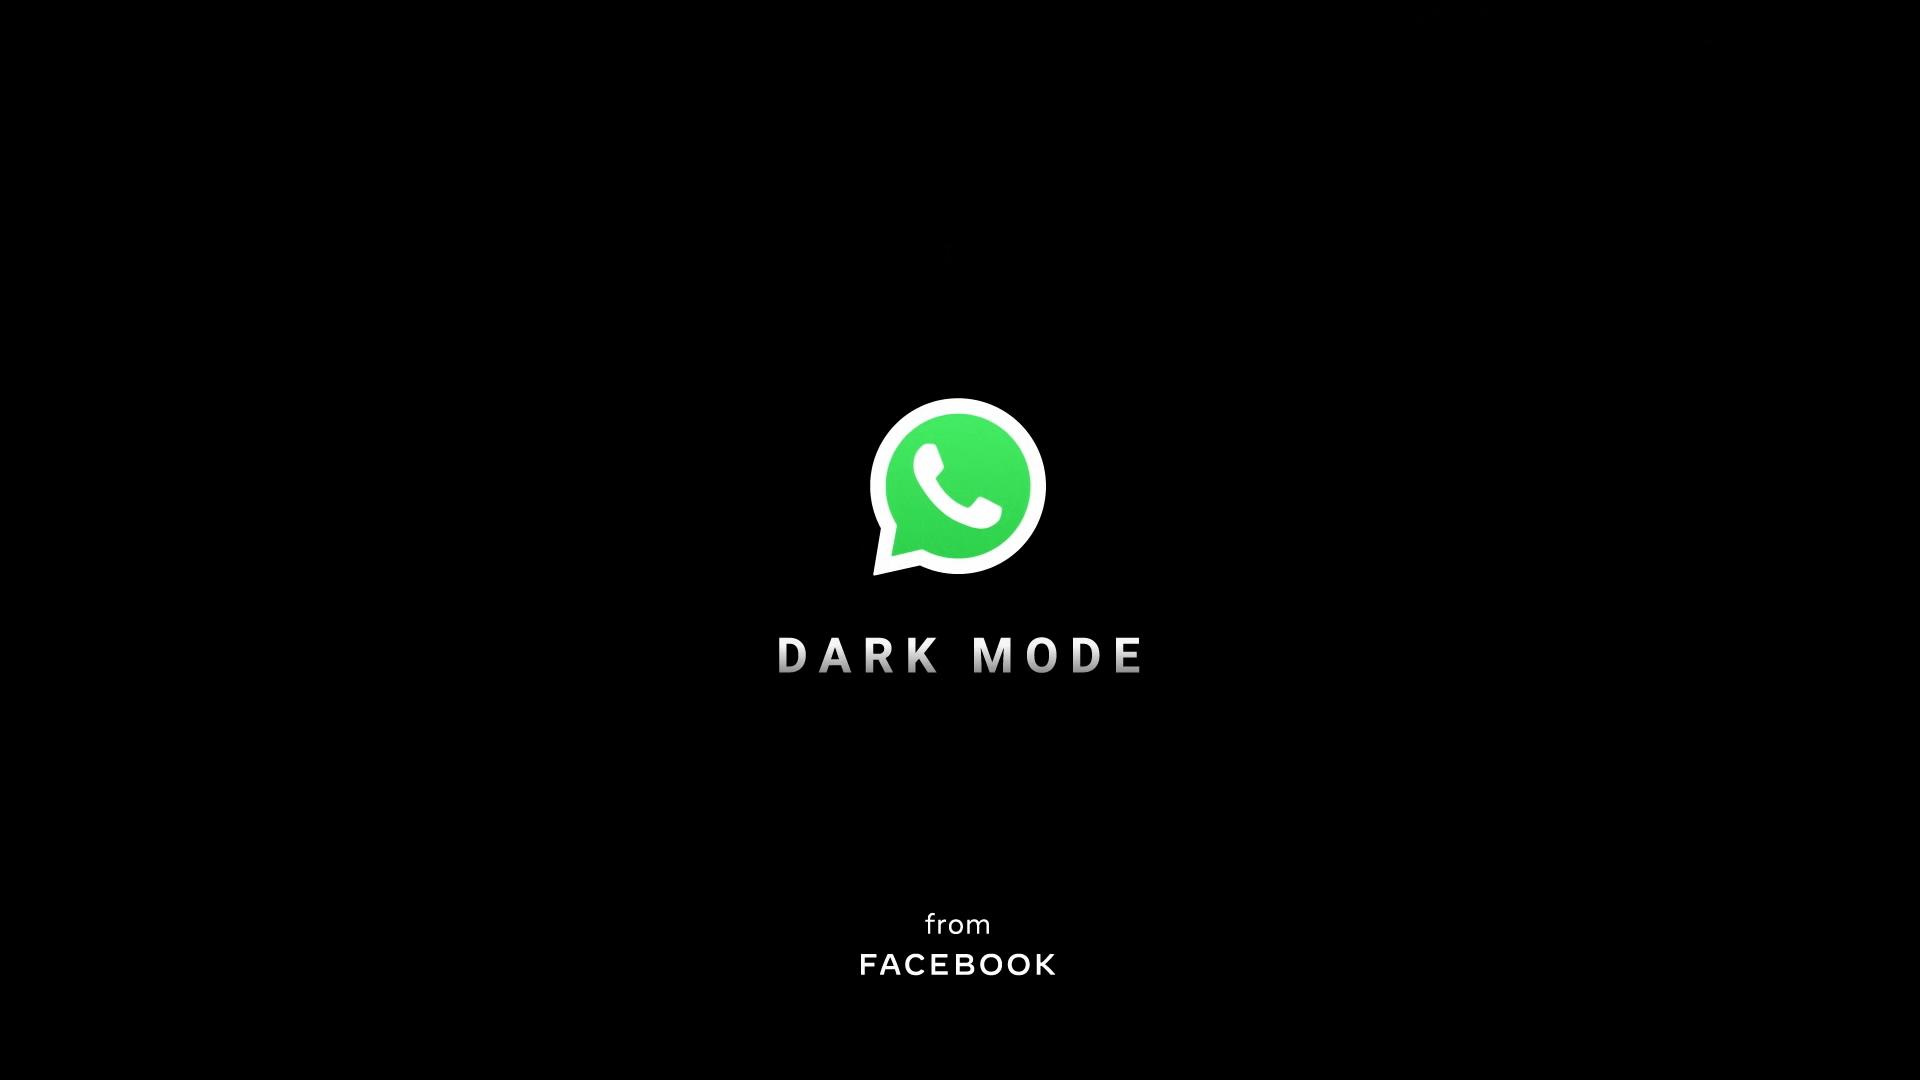 Facebook et vos données WhatsApp, Xbox lorgne la DualSense, Android pioche chez iOS – L'essentiel de l'actu de la semaine